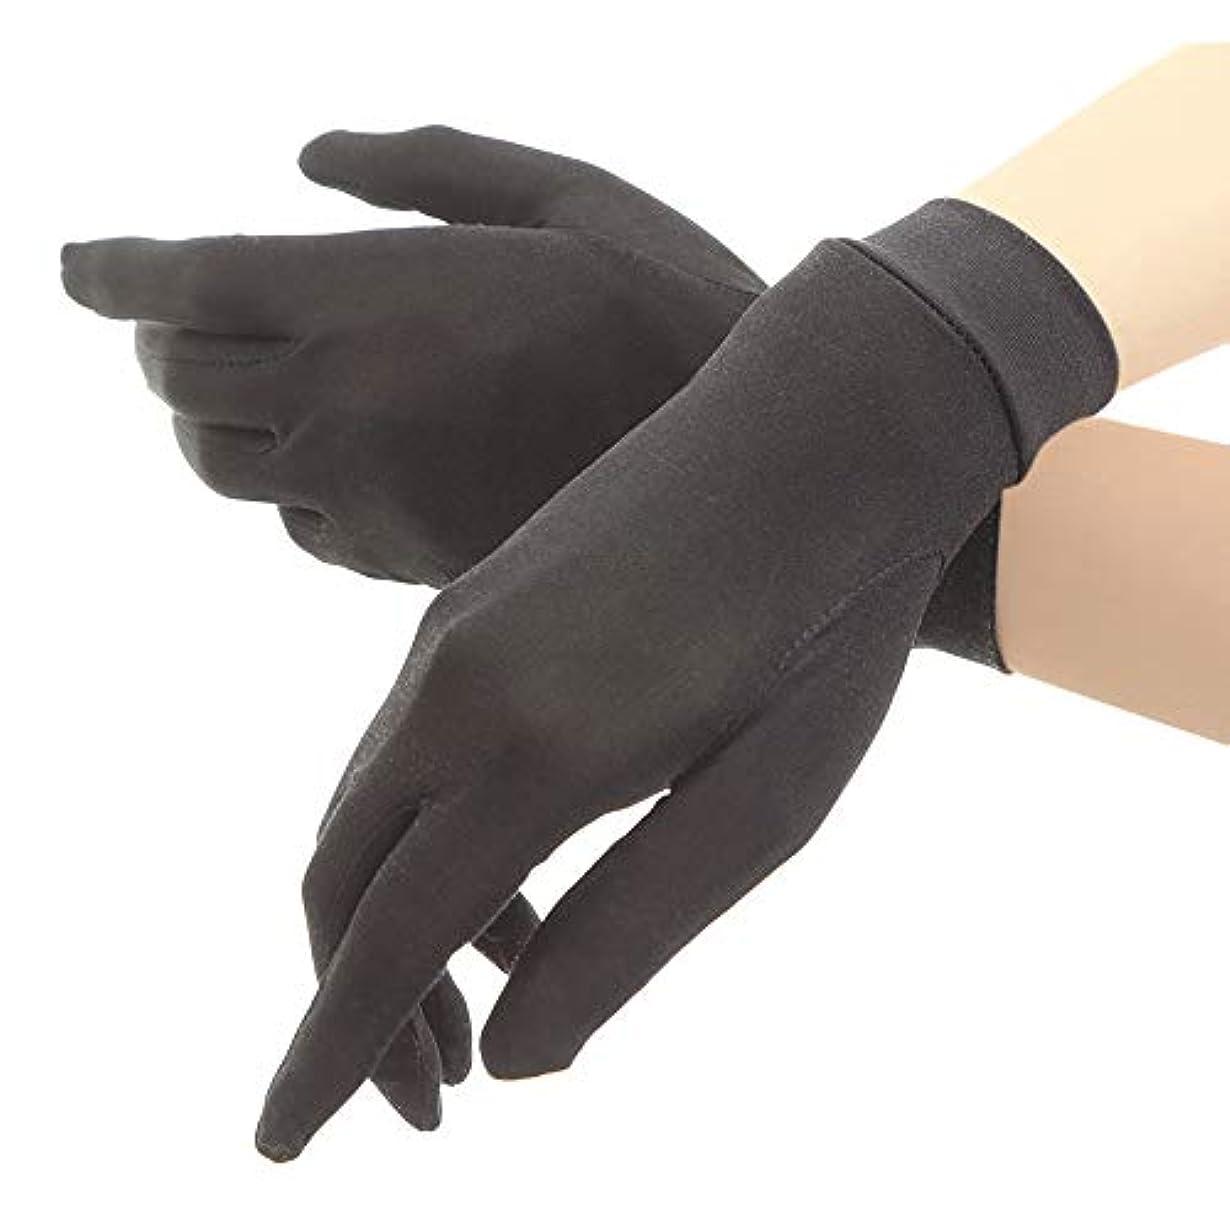 テンポ治世レーダーシルク手袋 レディース 手袋 シルク 絹 ハンド ケア 保湿 紫外線 肌荒れ 乾燥 サイズアップで手指にマッチ 【macch】